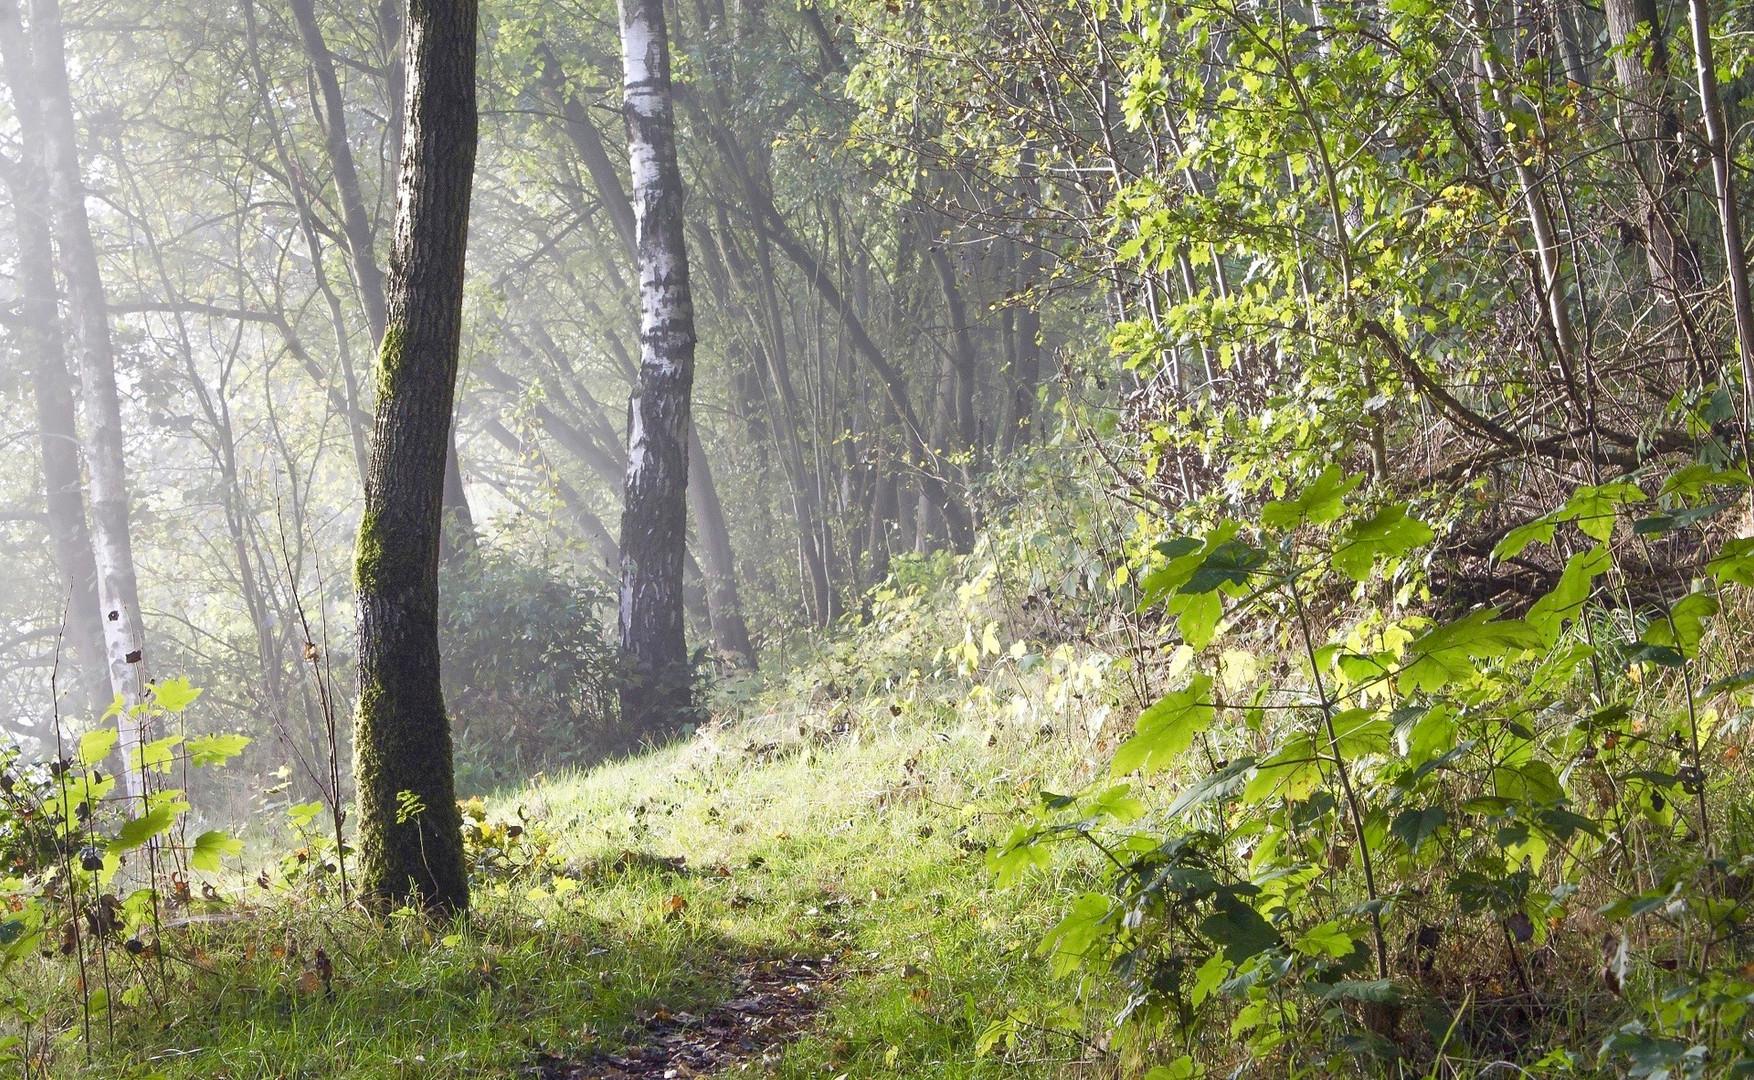 slide 4 - fog-1504977.jpg